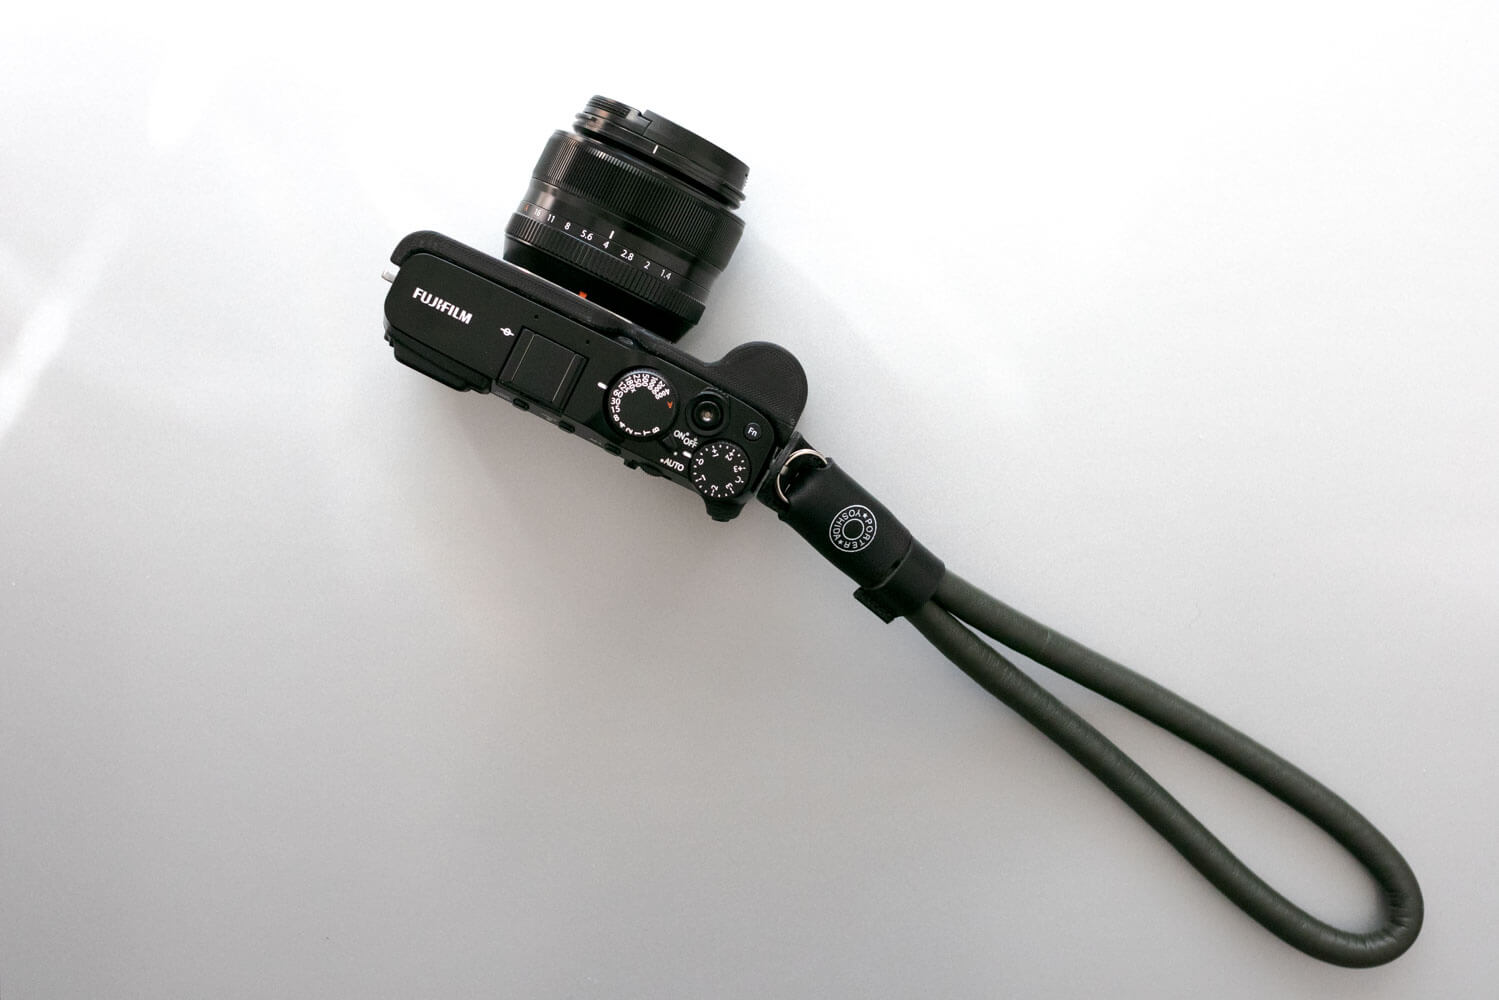 ポーター ラムレザー カメラ ストラップ X-E3との組み合わせ